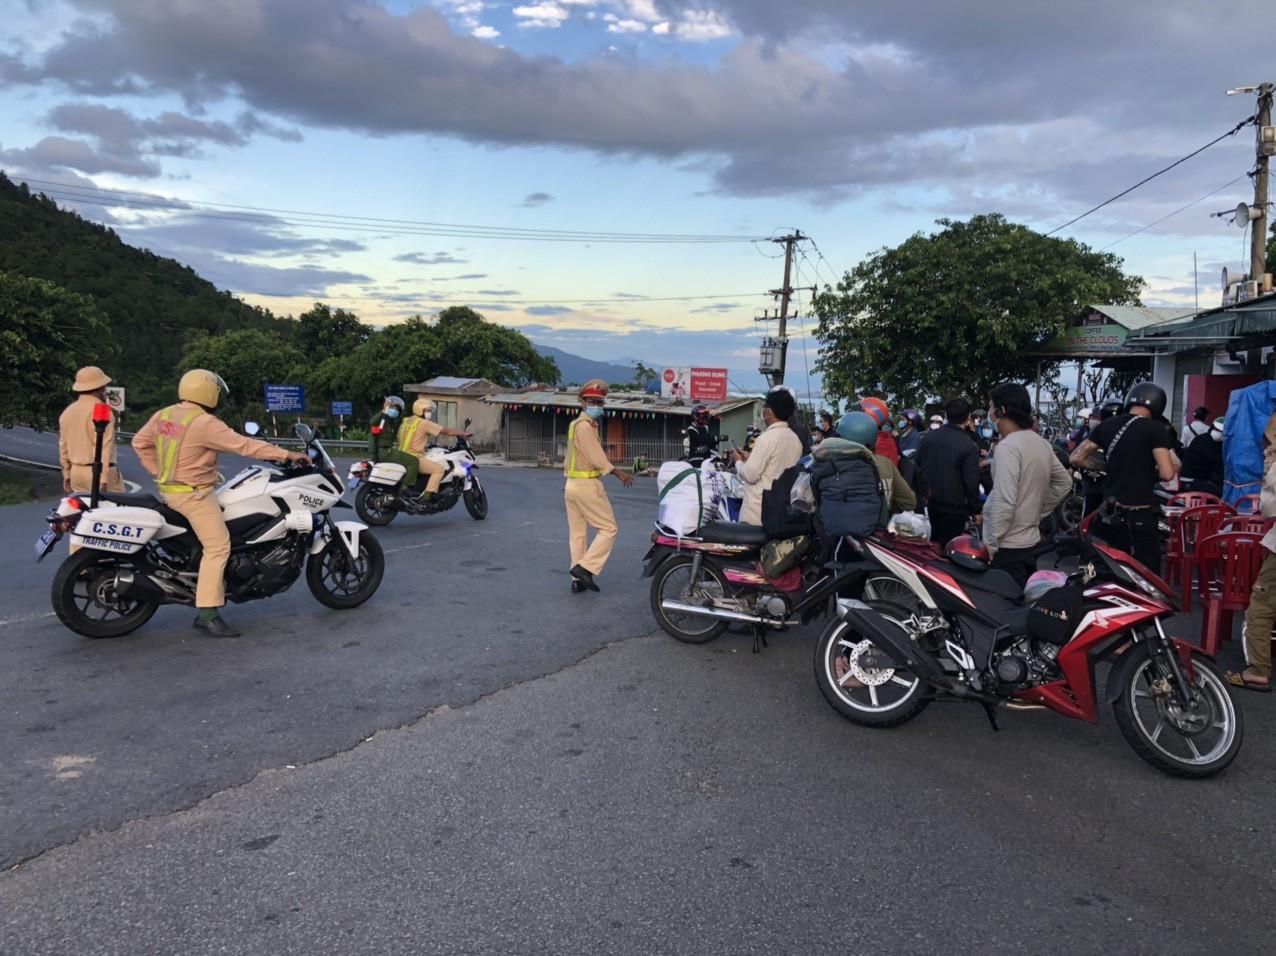 CSGT Đà Nẵng tiếp tục hộ tống hàng trăm người từ TP. Hồ Chí Minh về quê bằng xe máy - Ảnh 4.